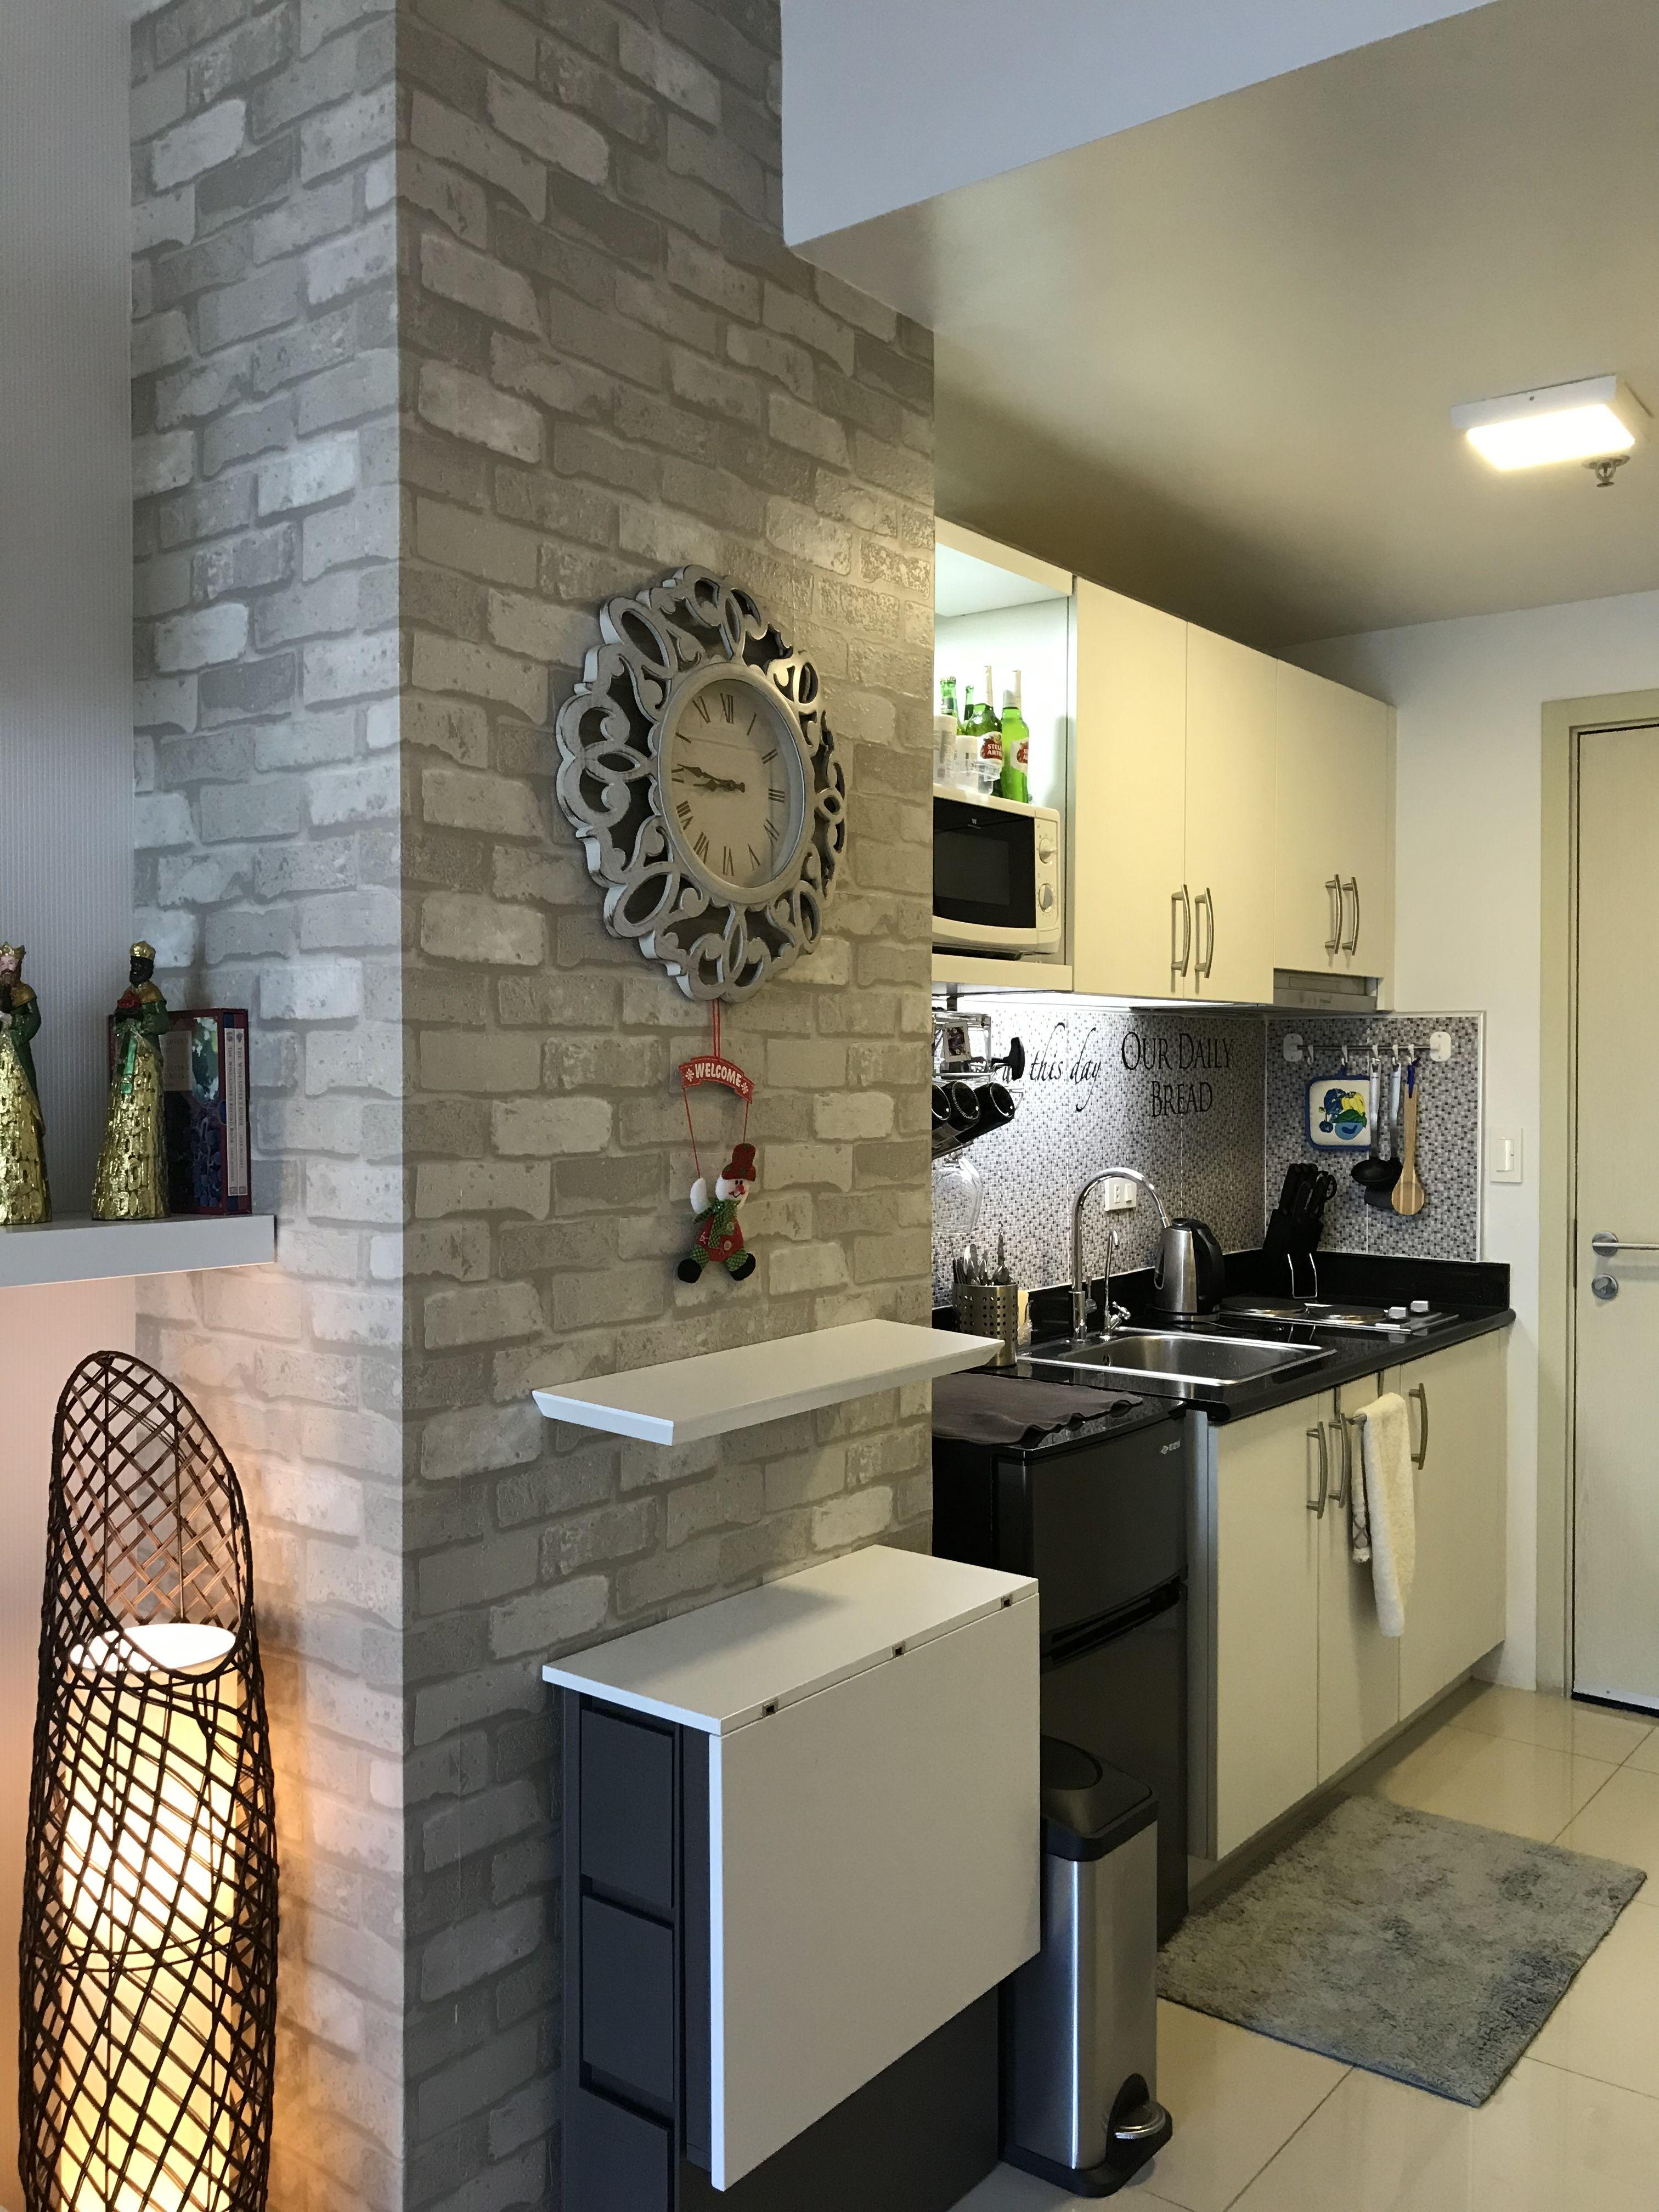 Condo Small Kitchen Design Philippines   Novocom.top